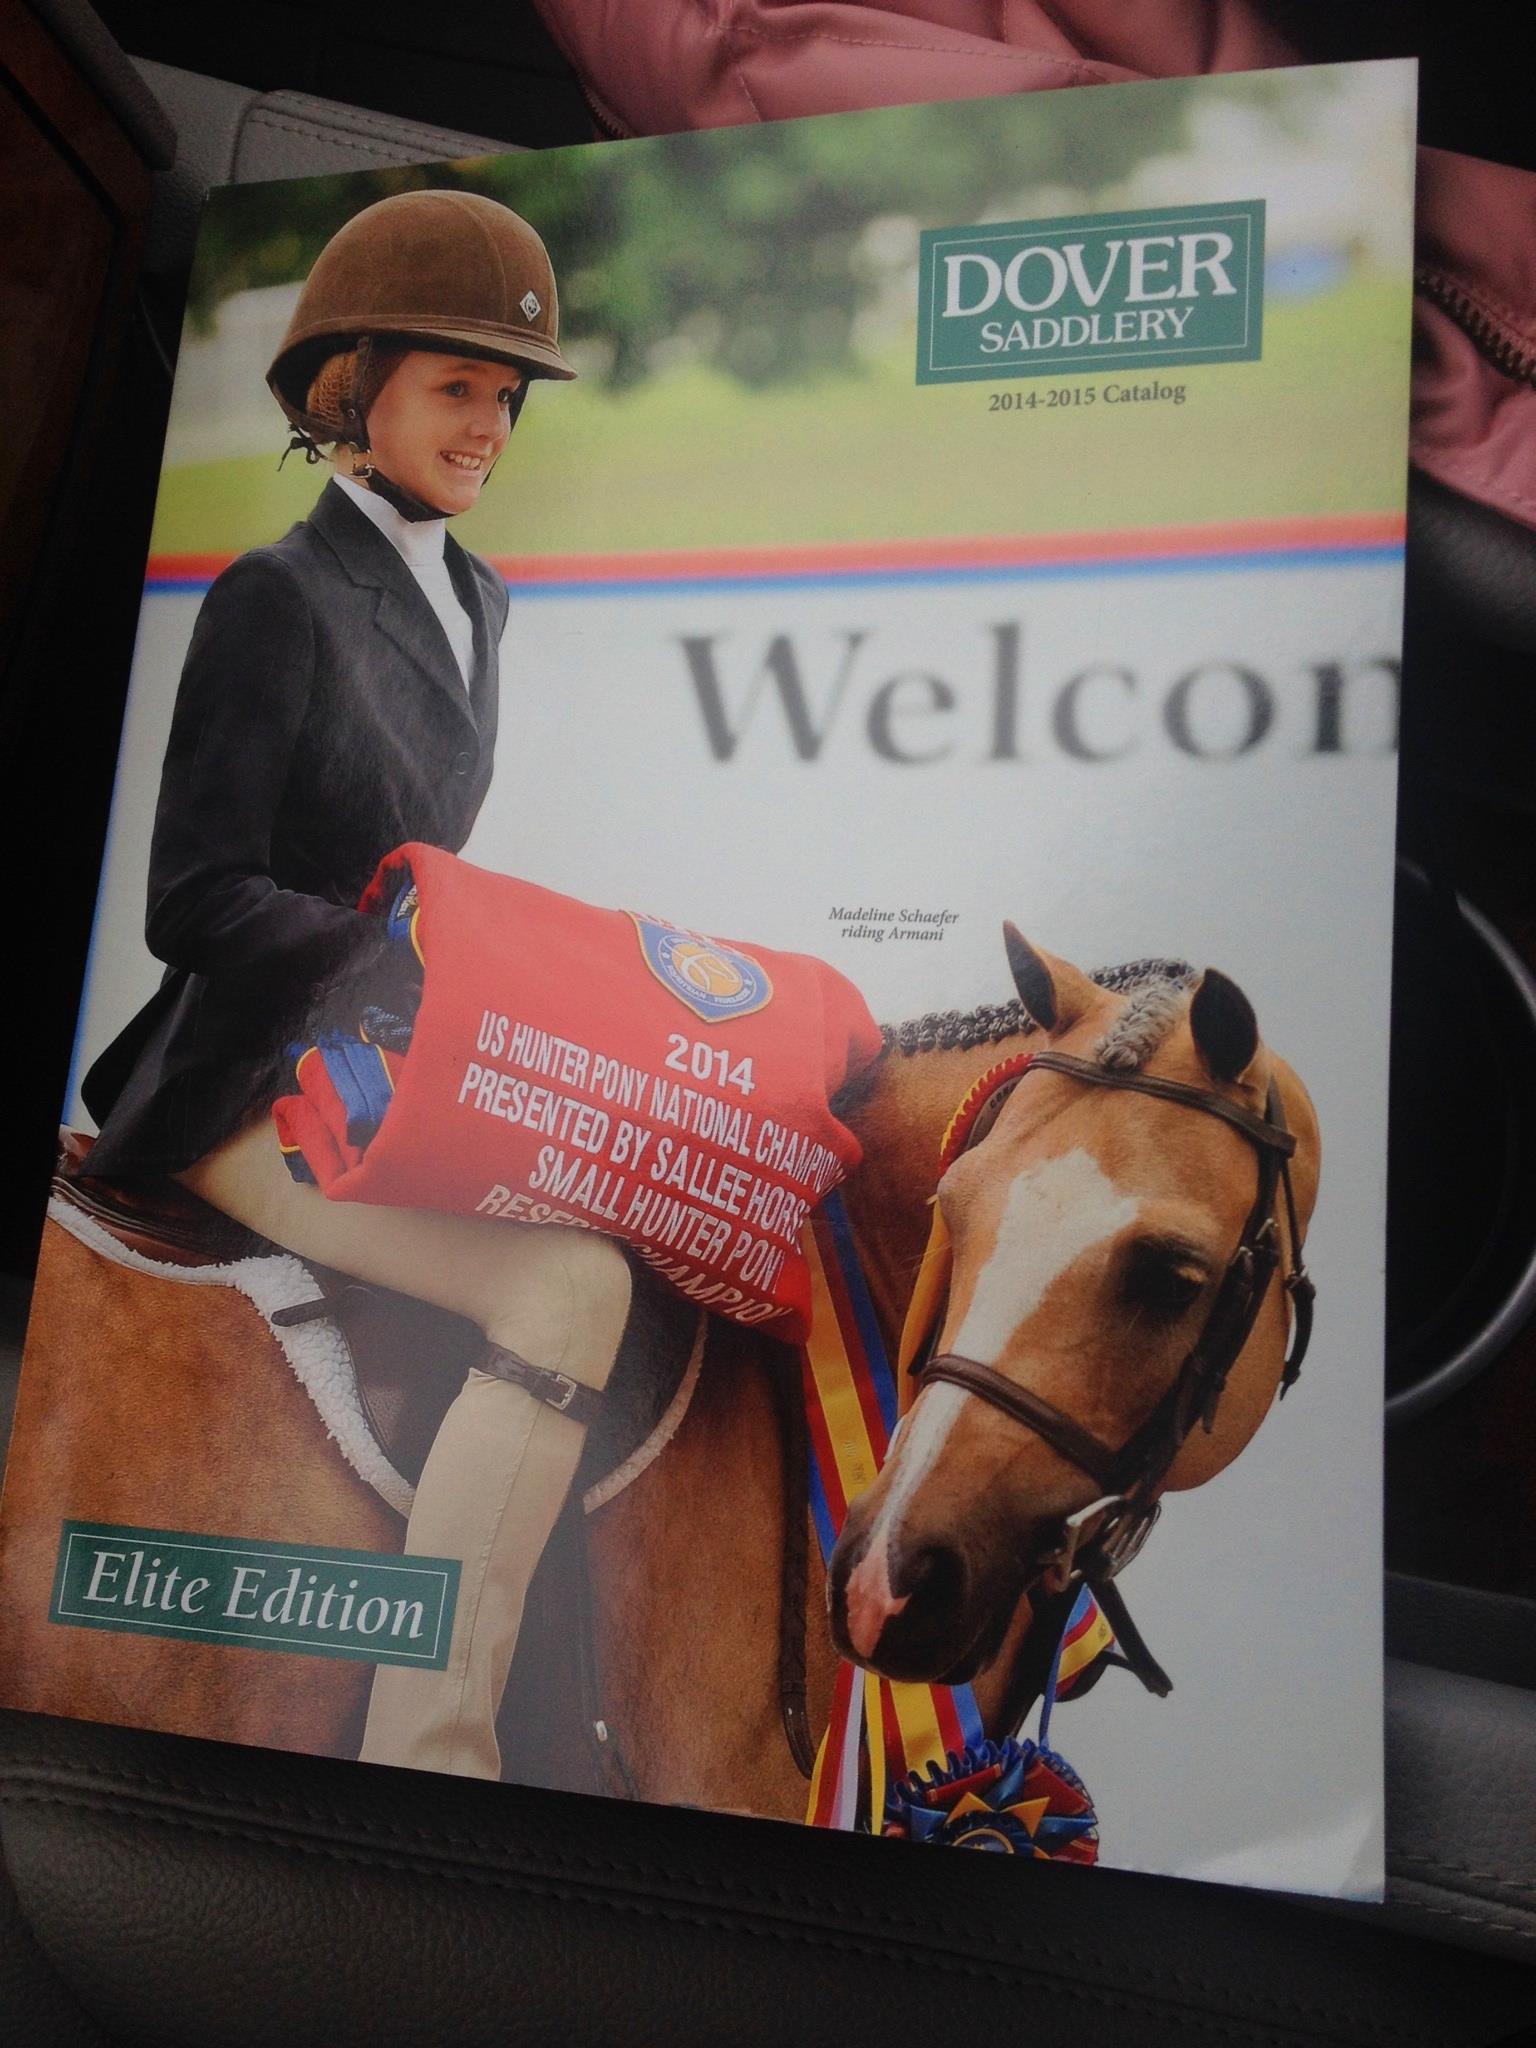 Armani Dover catalog.jpg